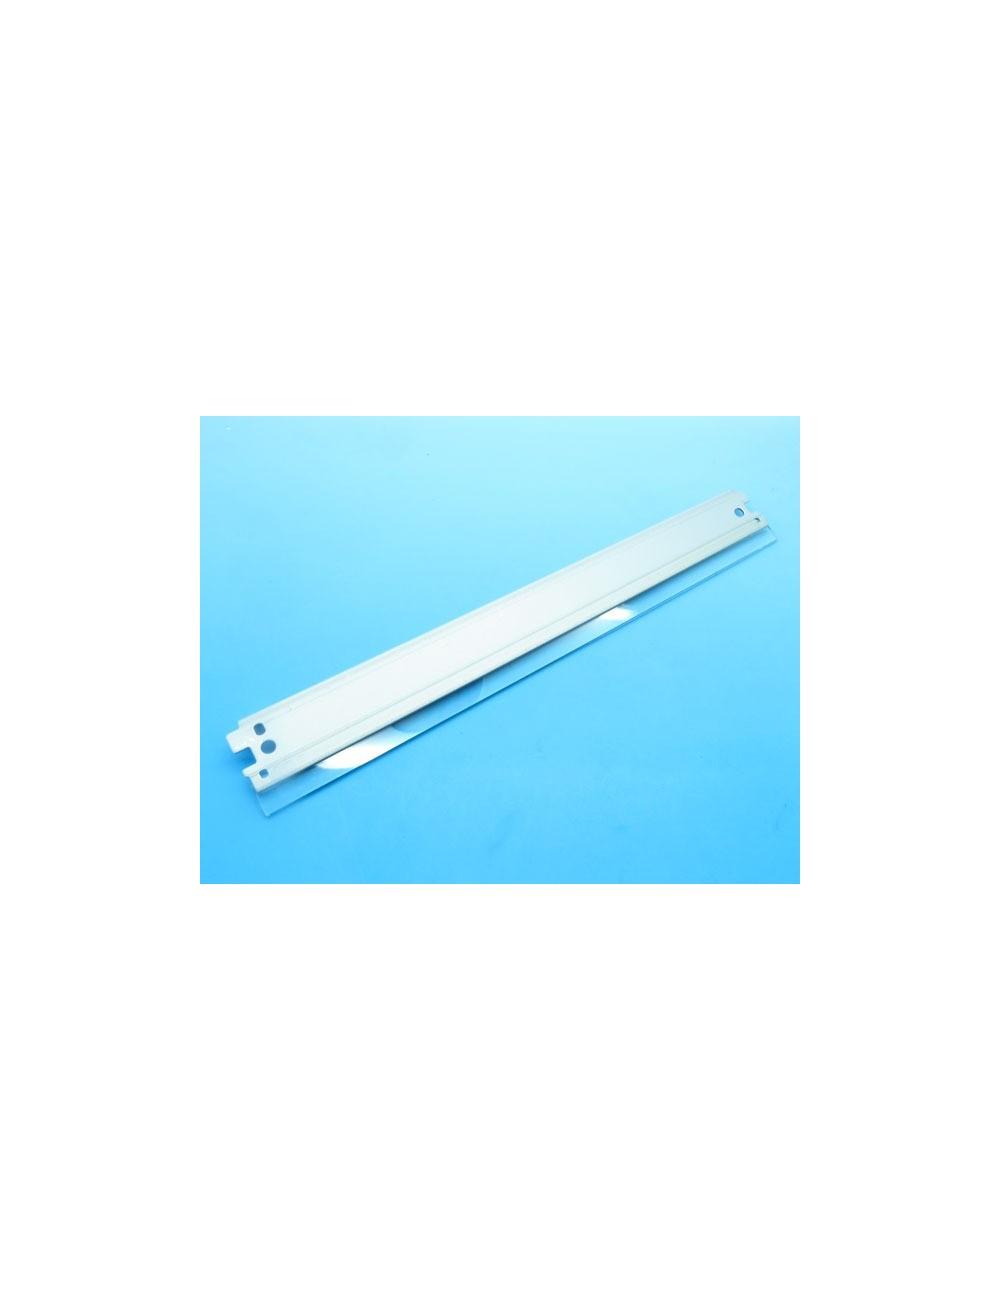 Ανταλλακτικό για toner WIPER BLADE HP 4700/30/4600/50 CP4005